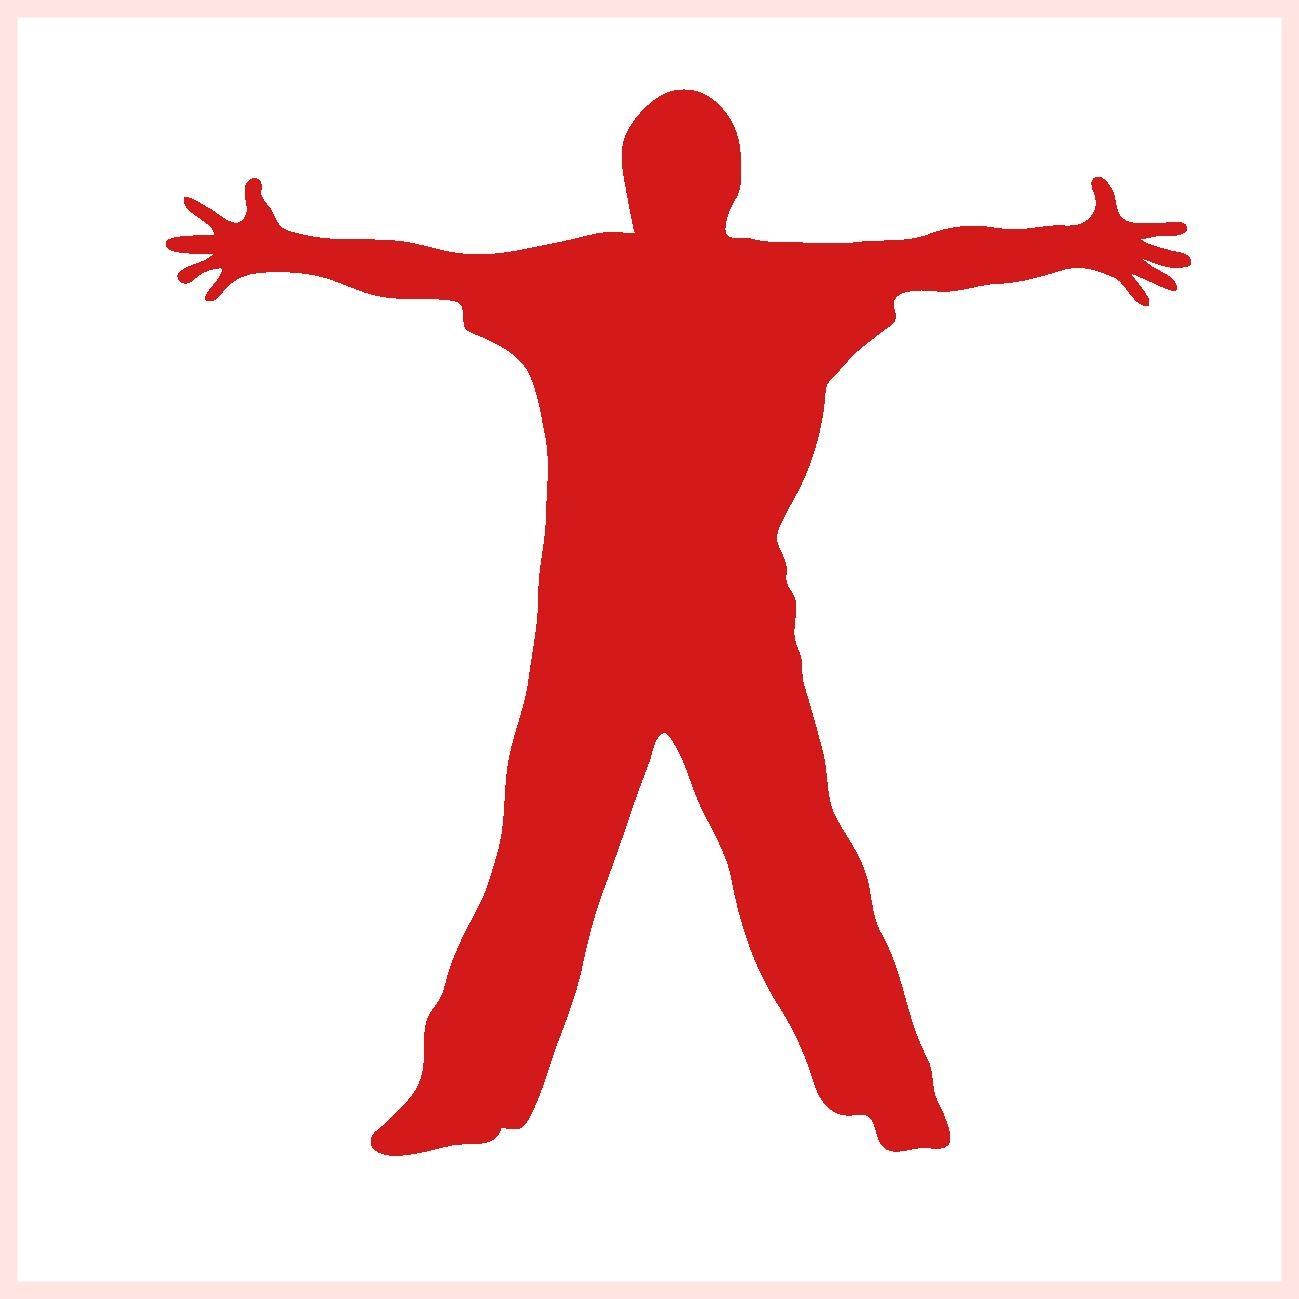 登坂絵莉の筋肉がやばいとの噂だが体脂肪率は?吉田沙保里と比較も!